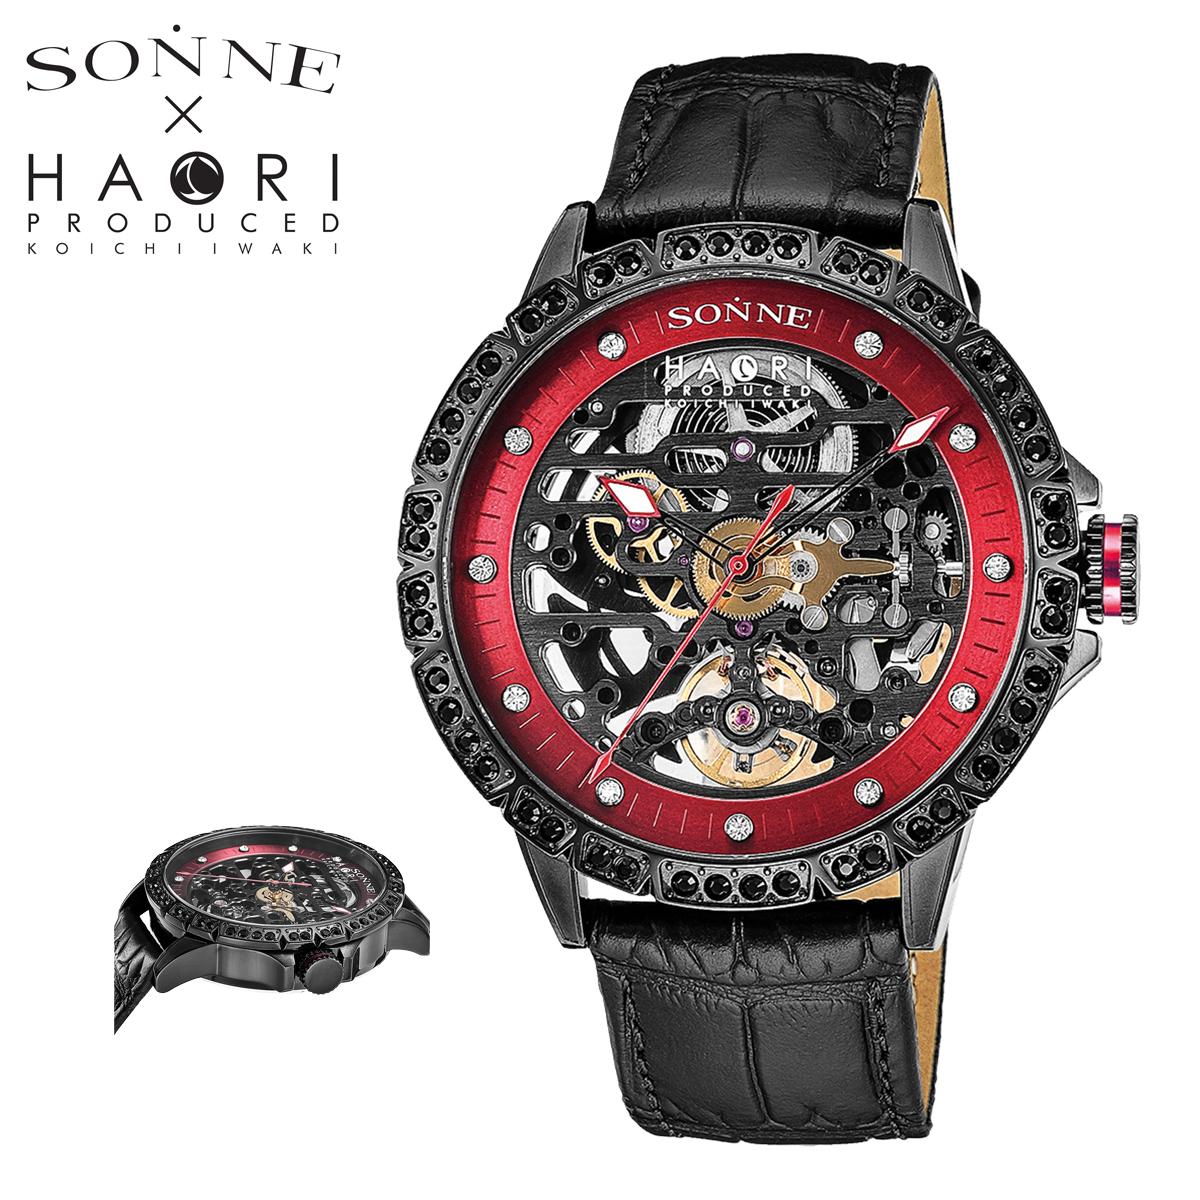 送料無料 WEB限定 ゾンネ 腕時計 44mm H023 H023BKZ-BK メンズ ミネラルガラス PO10 ステンレススチール 本革 通常便なら送料無料 bef SONNE